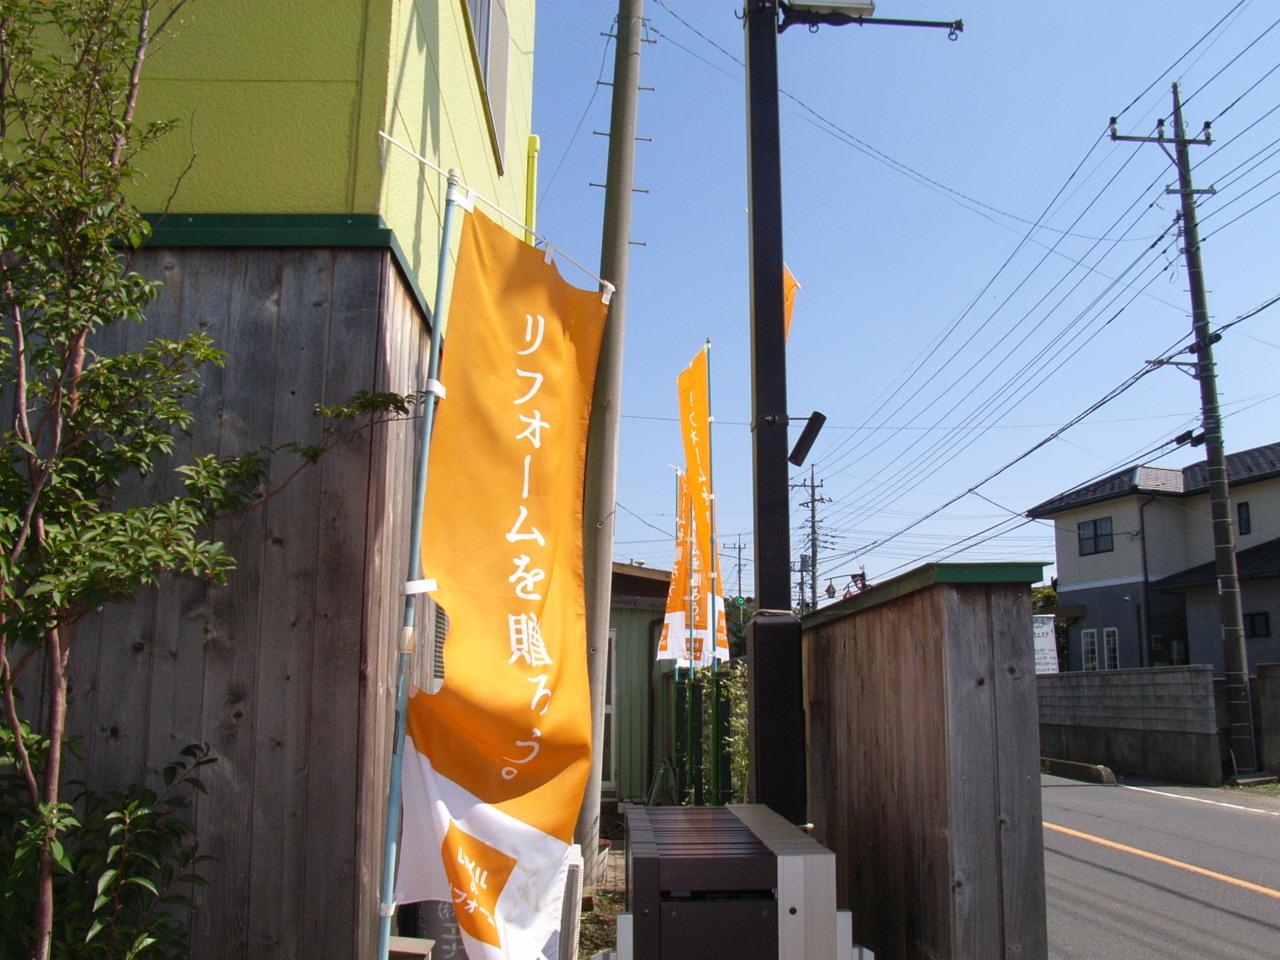 のぼり2.JPG